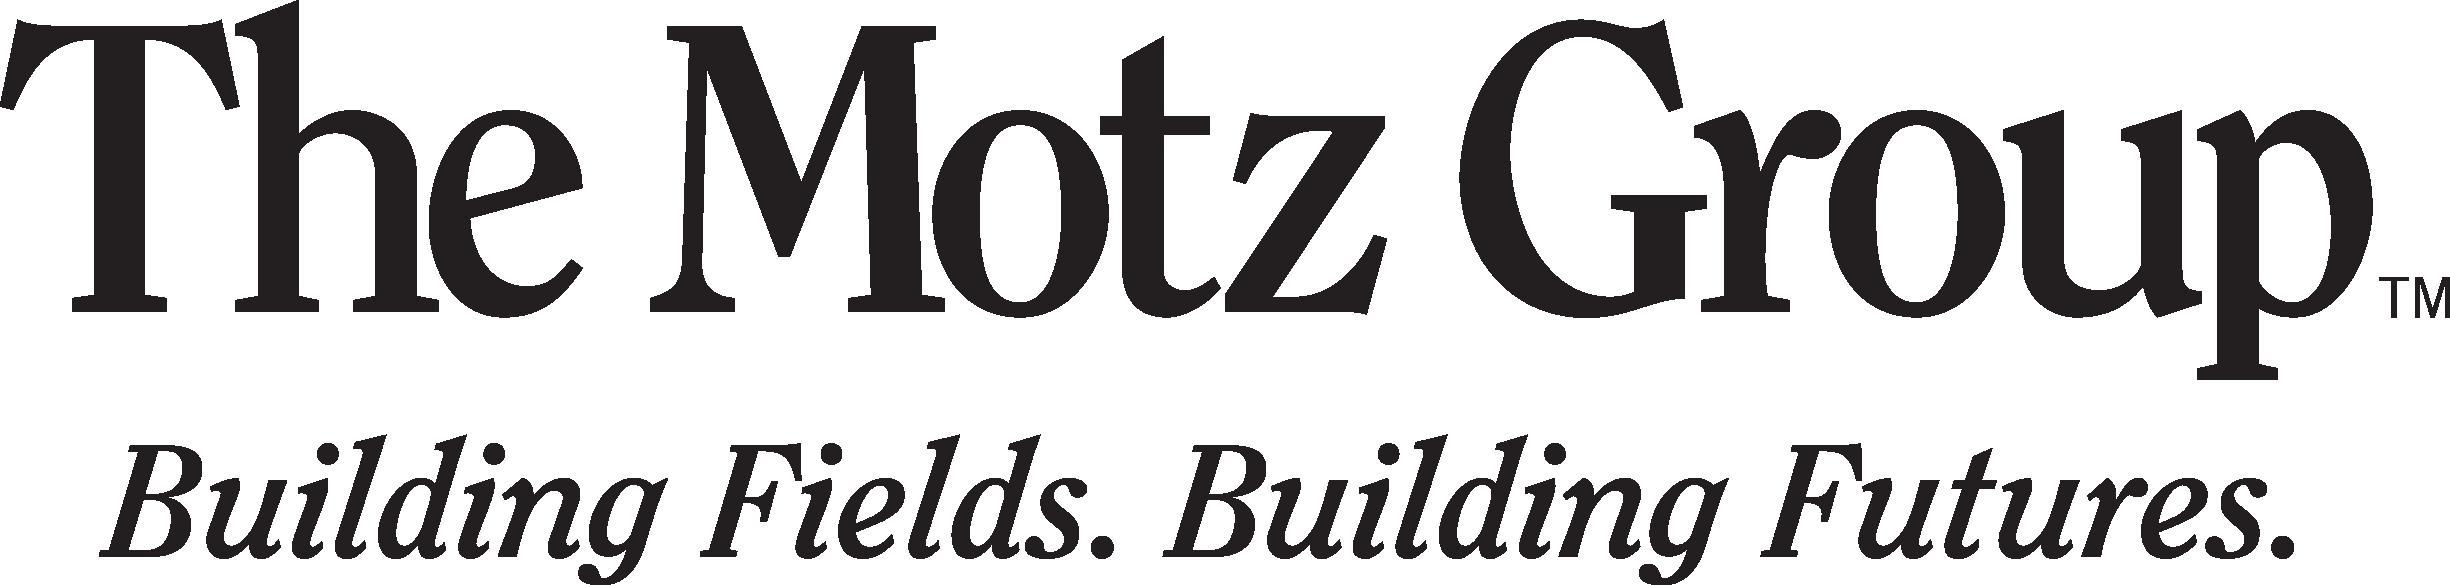 The Motz Group